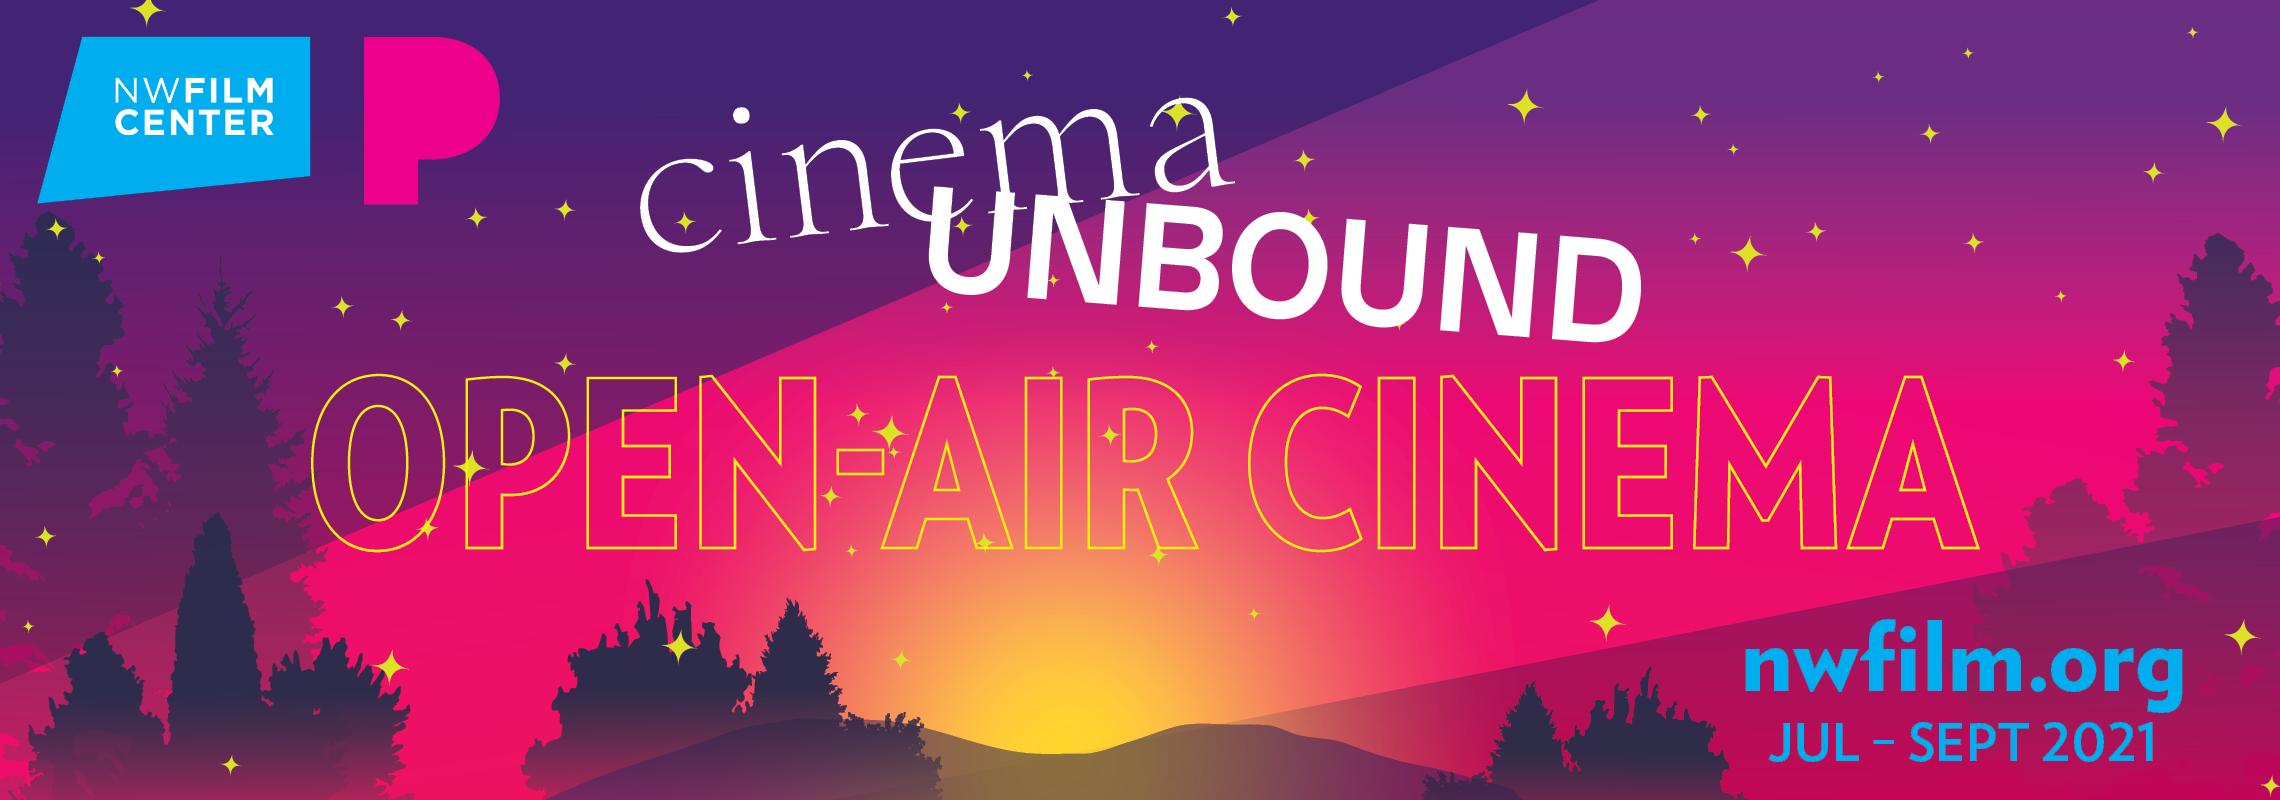 Cinema Unbound Summer Movies & Open-Air Experiences